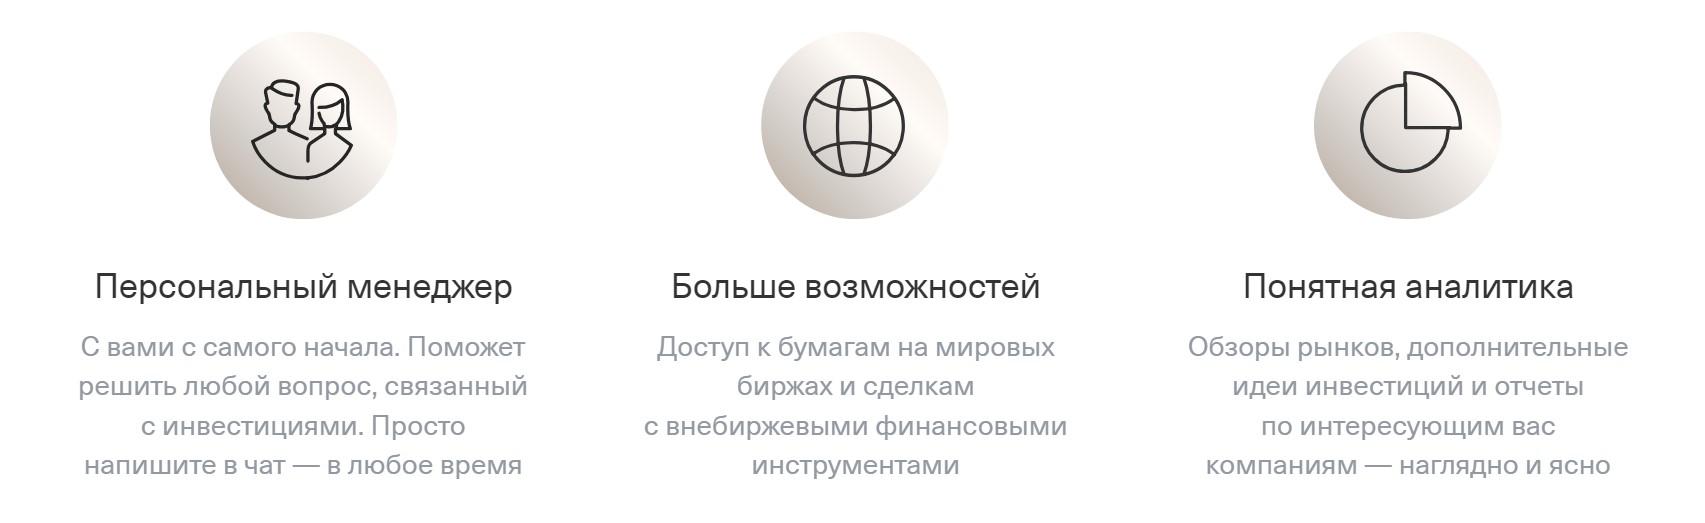 Предложение по инвестициям от Тинькофф